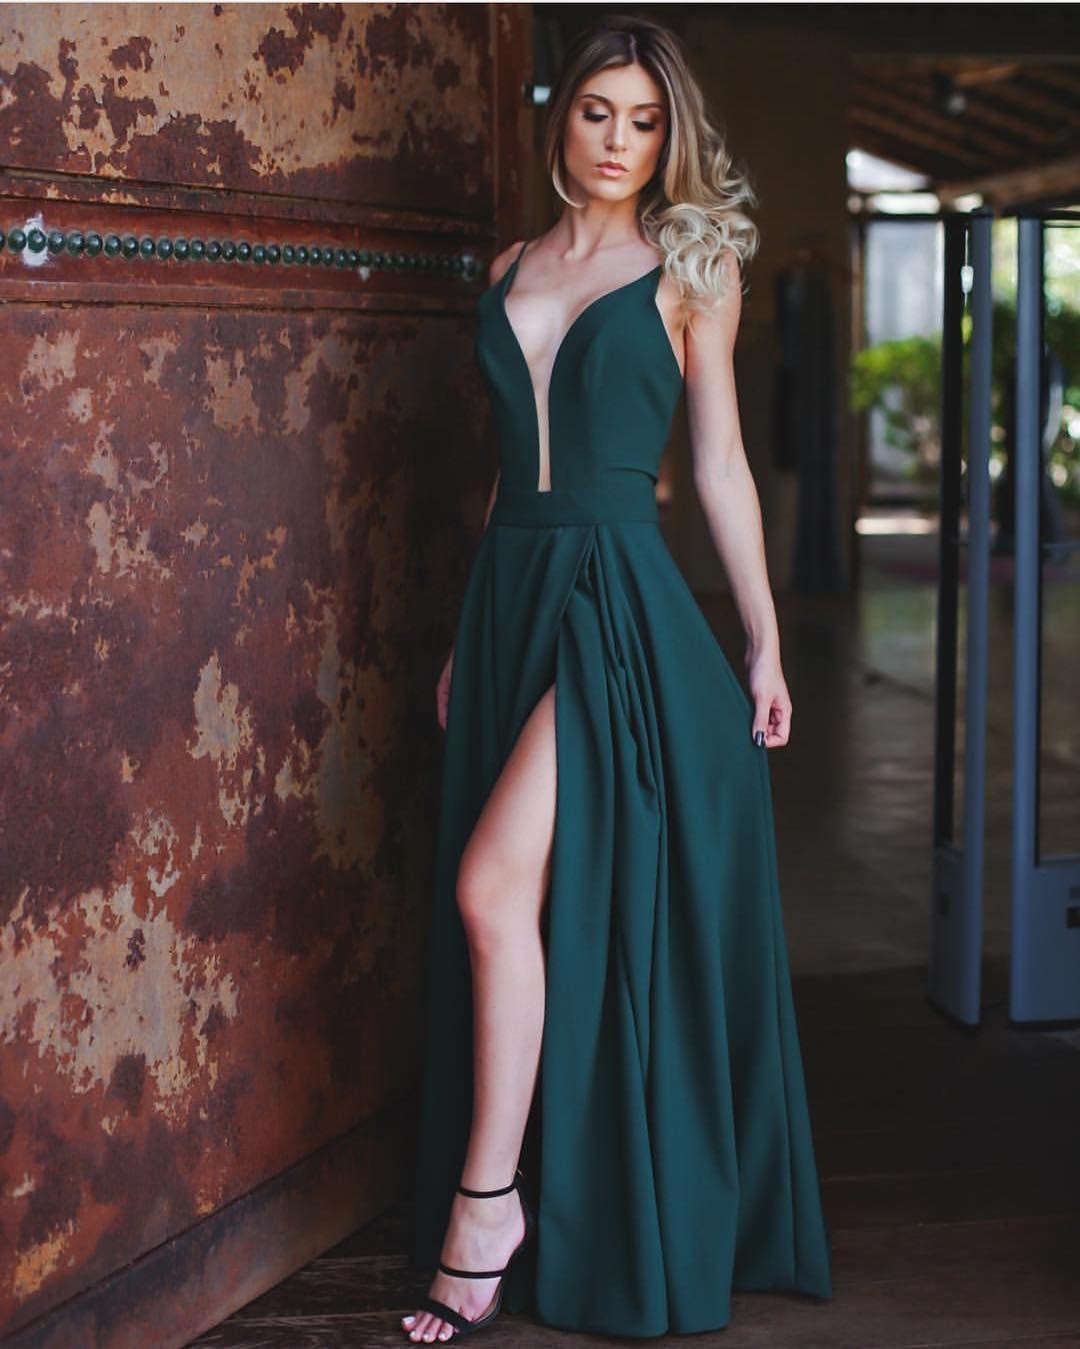 ba96f4672c O que são esses vestidos da  tugore  ! ❤ Um mais perfeito que o outro!!  Estou apaixonada